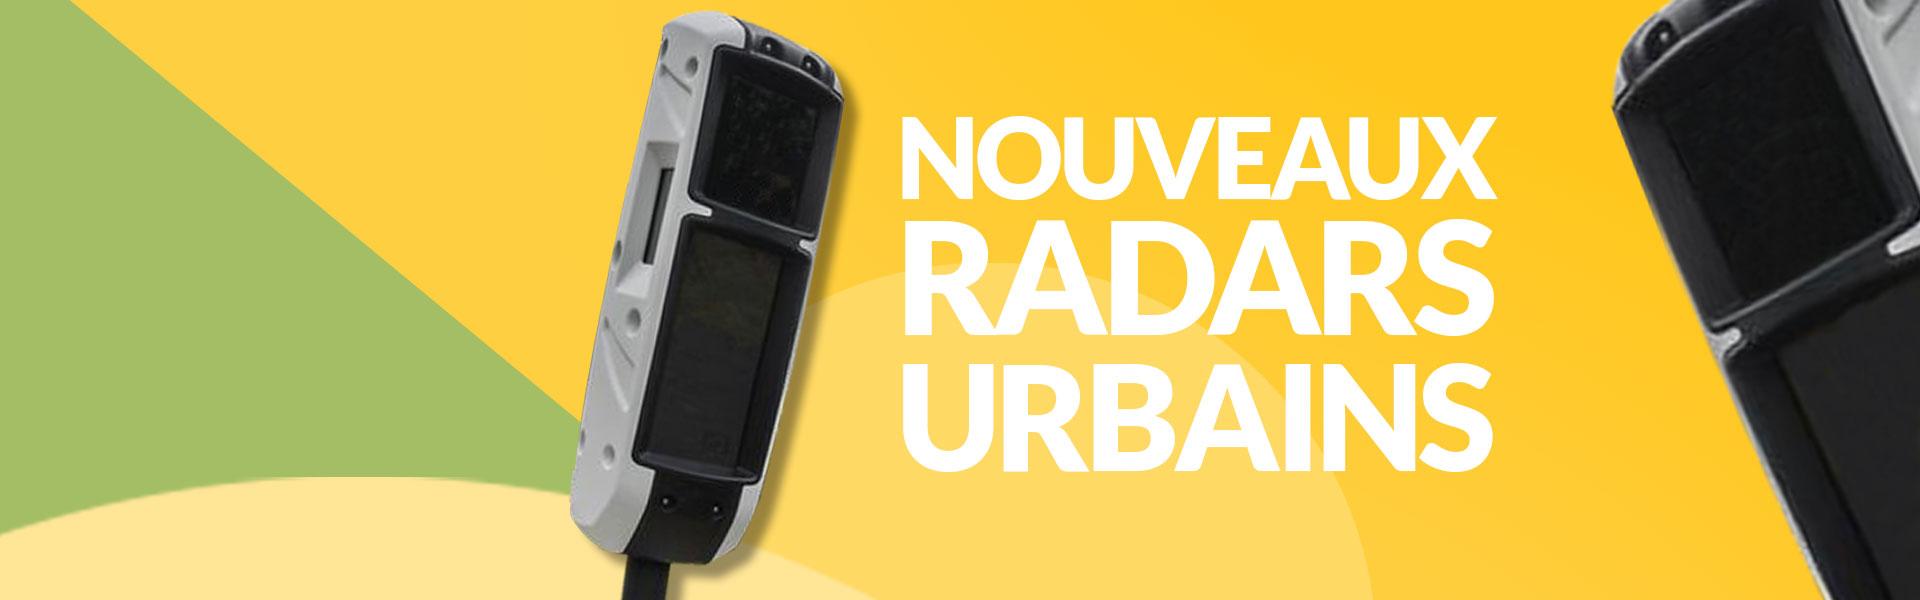 Des radars urbains next-gen bientôt en service...